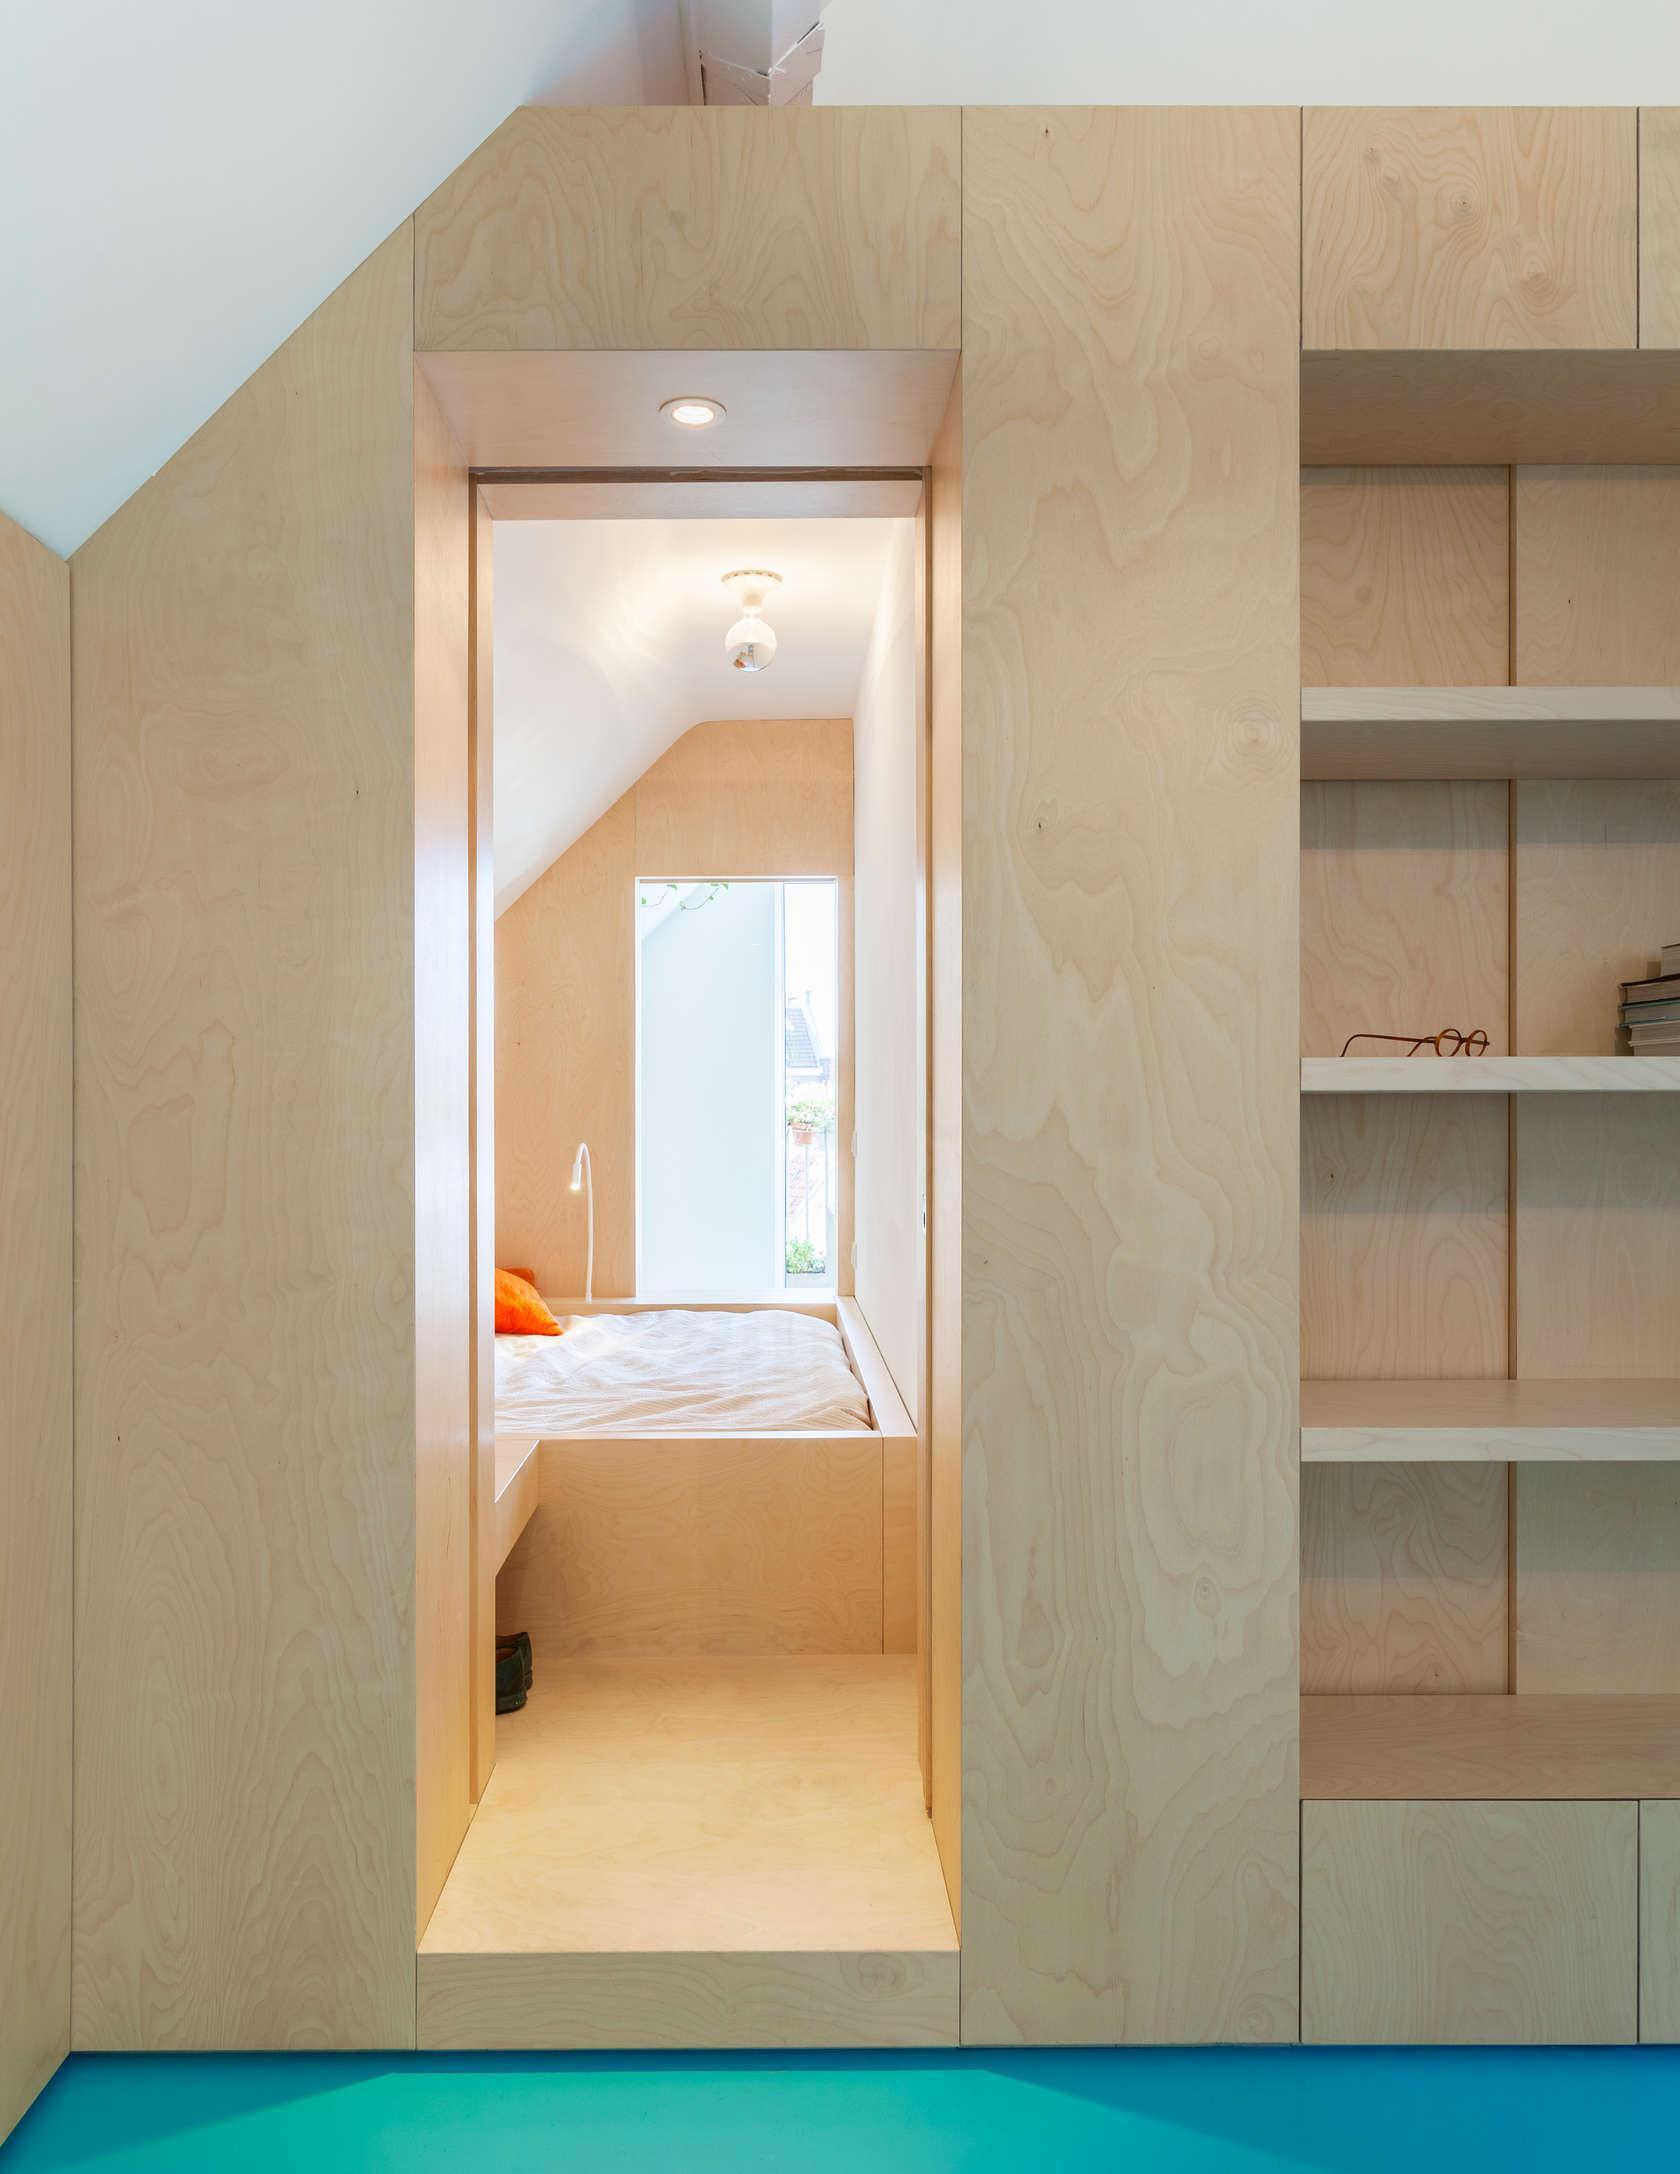 Urban loft amsterdam architizer - Kamer indeling ...